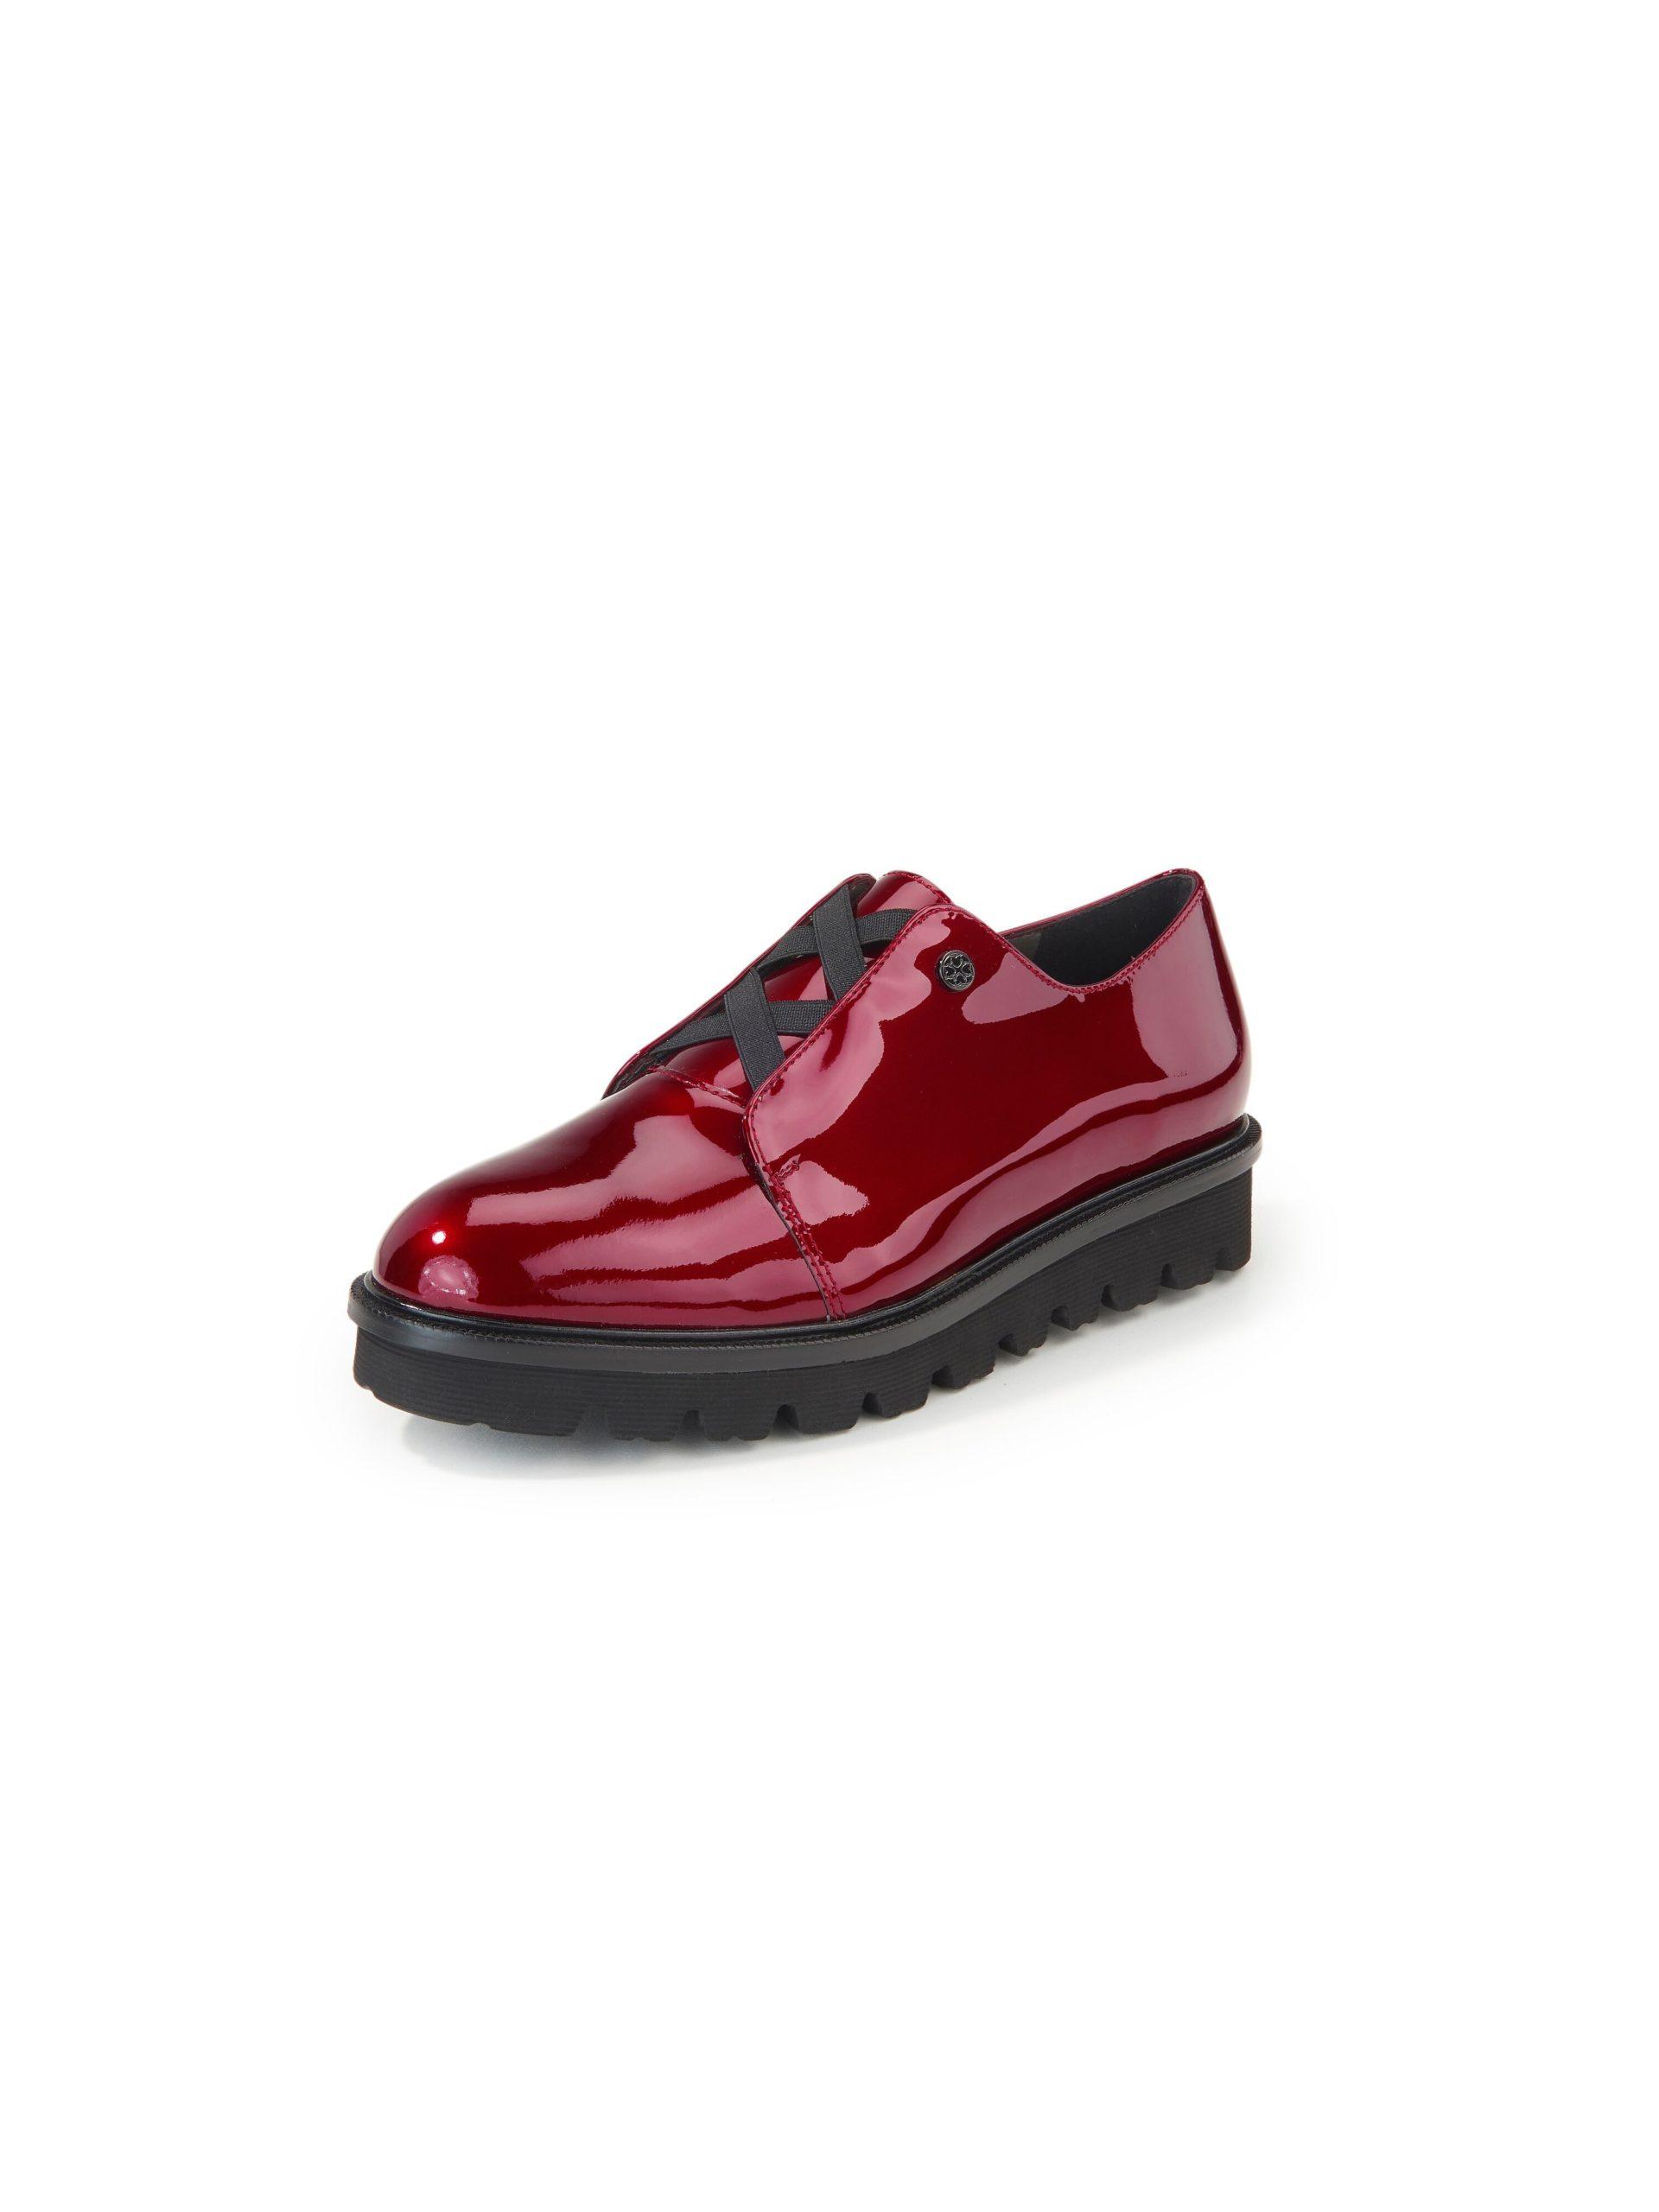 Lage schoenen Van Peter Kaiser Balanced rood Kopen